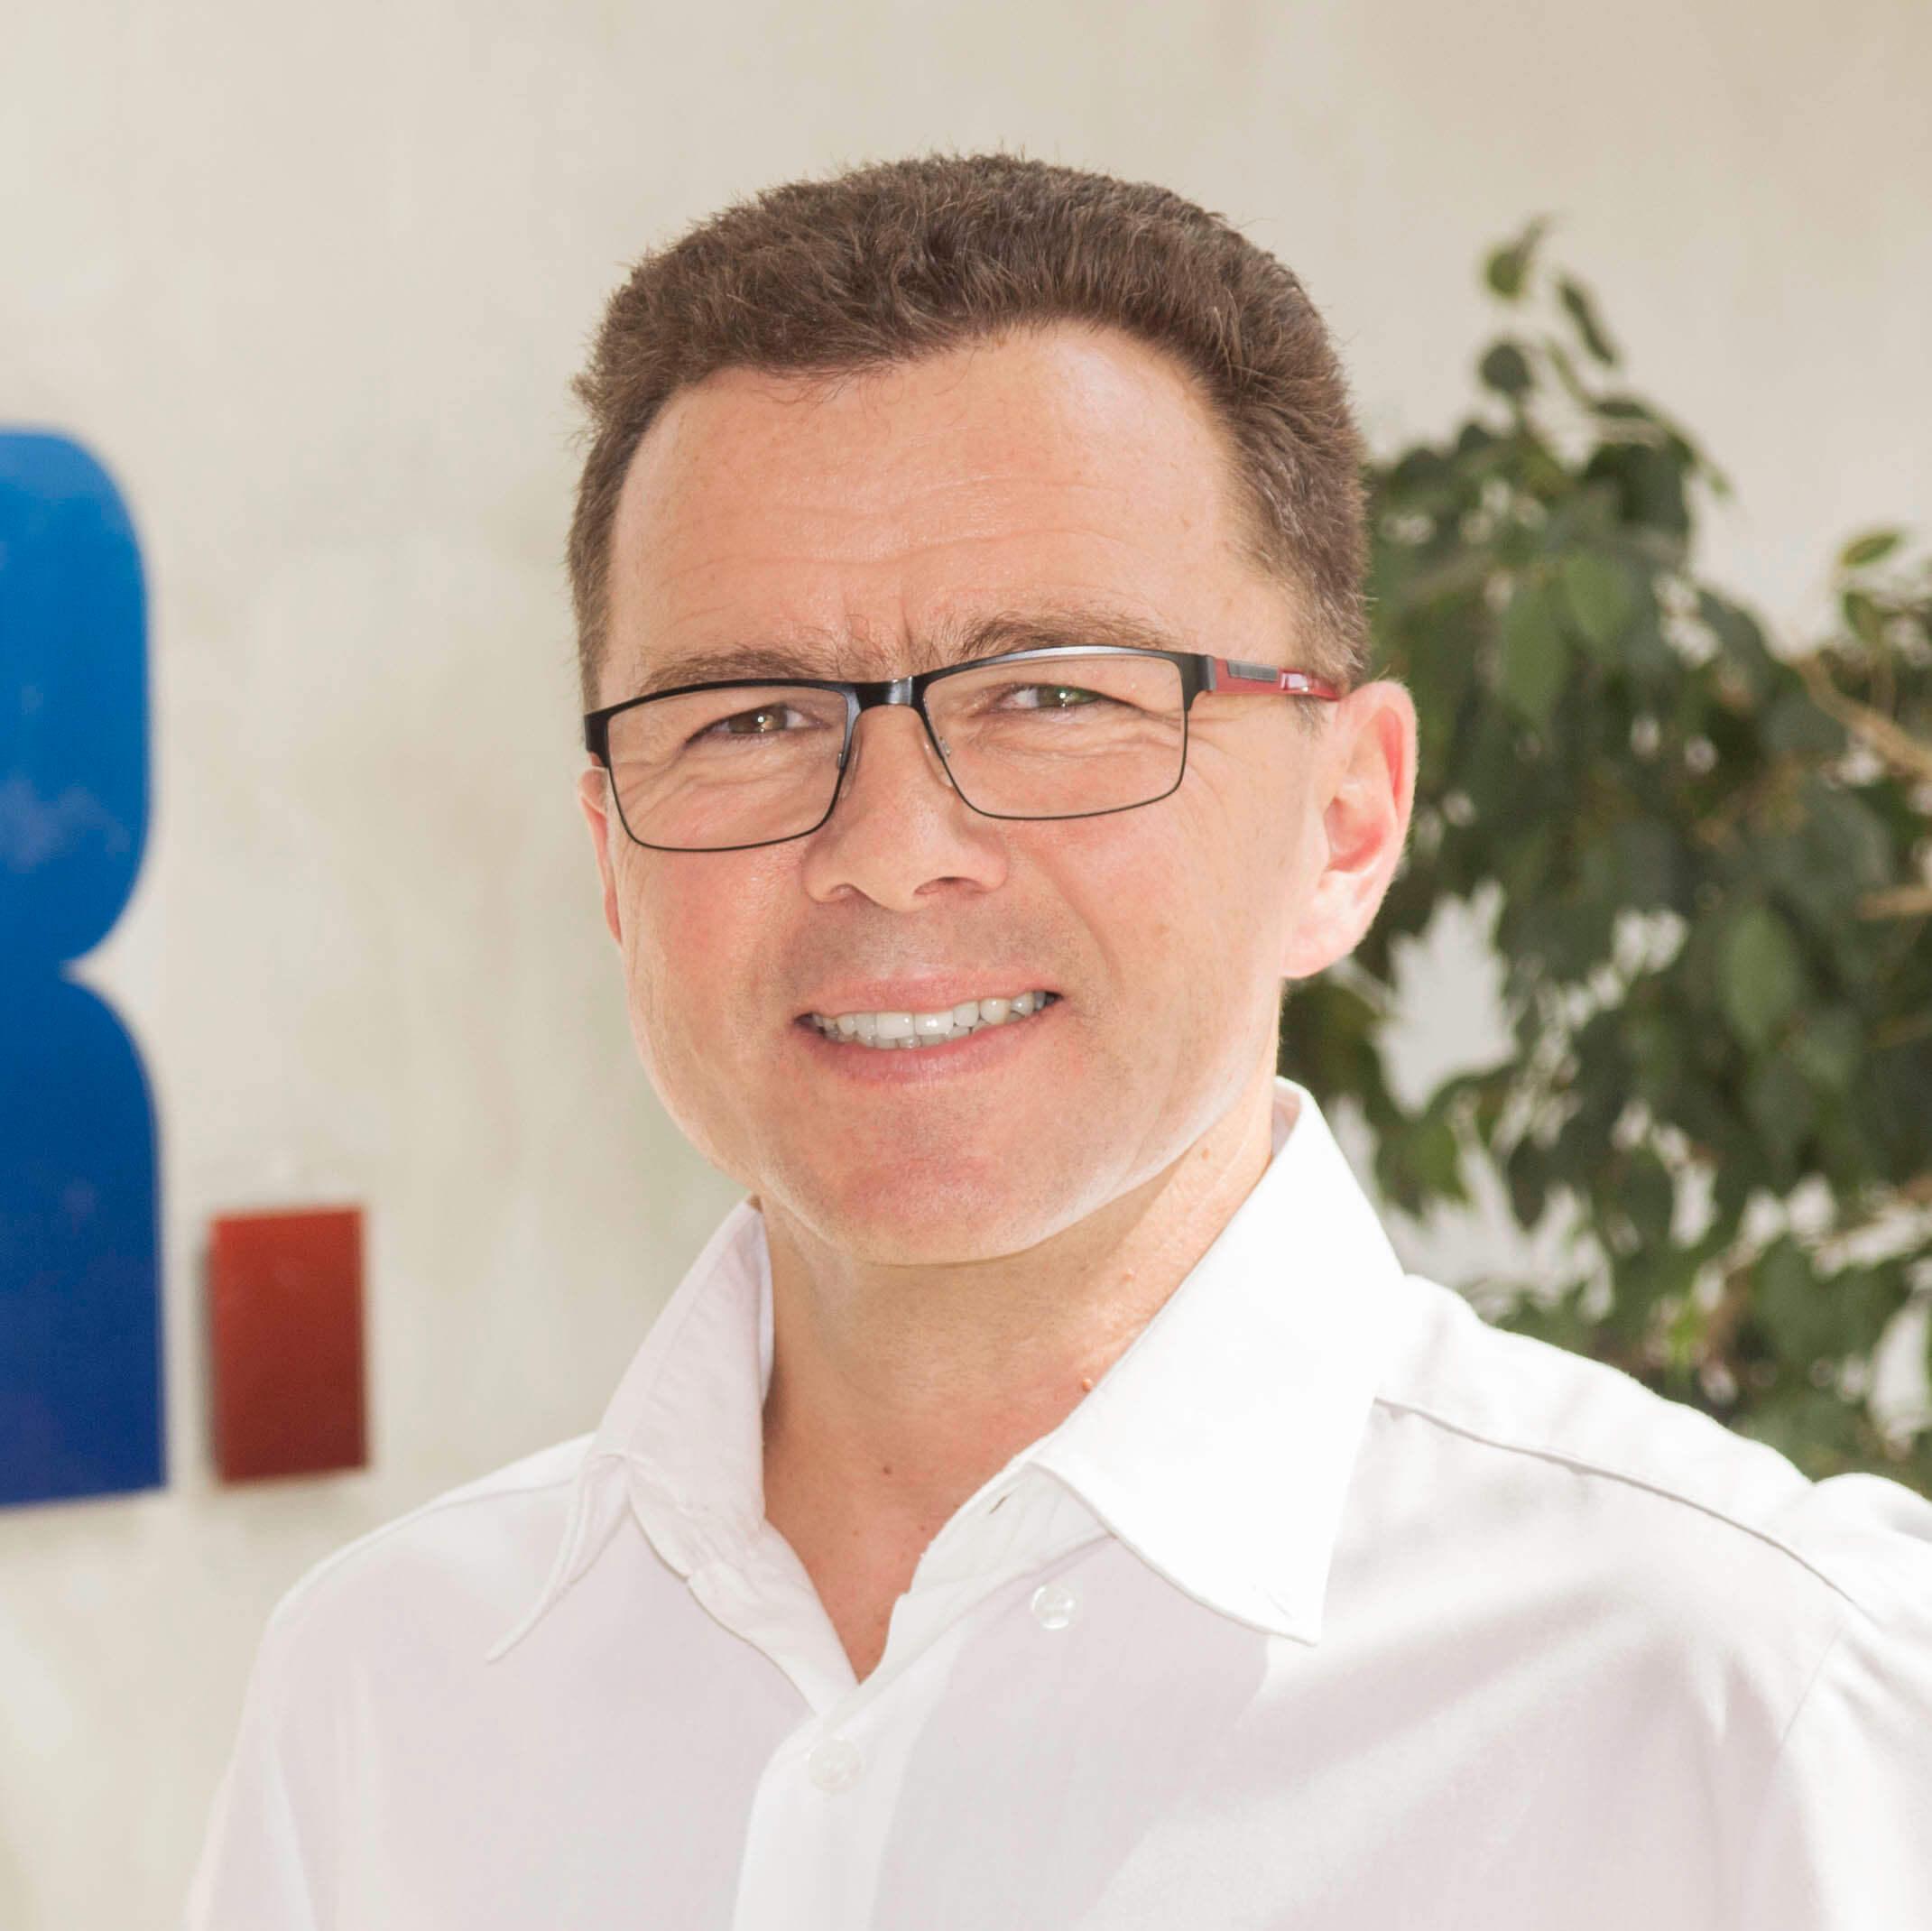 Portraitfoto von SpeedFolder Experte Ralf Burger